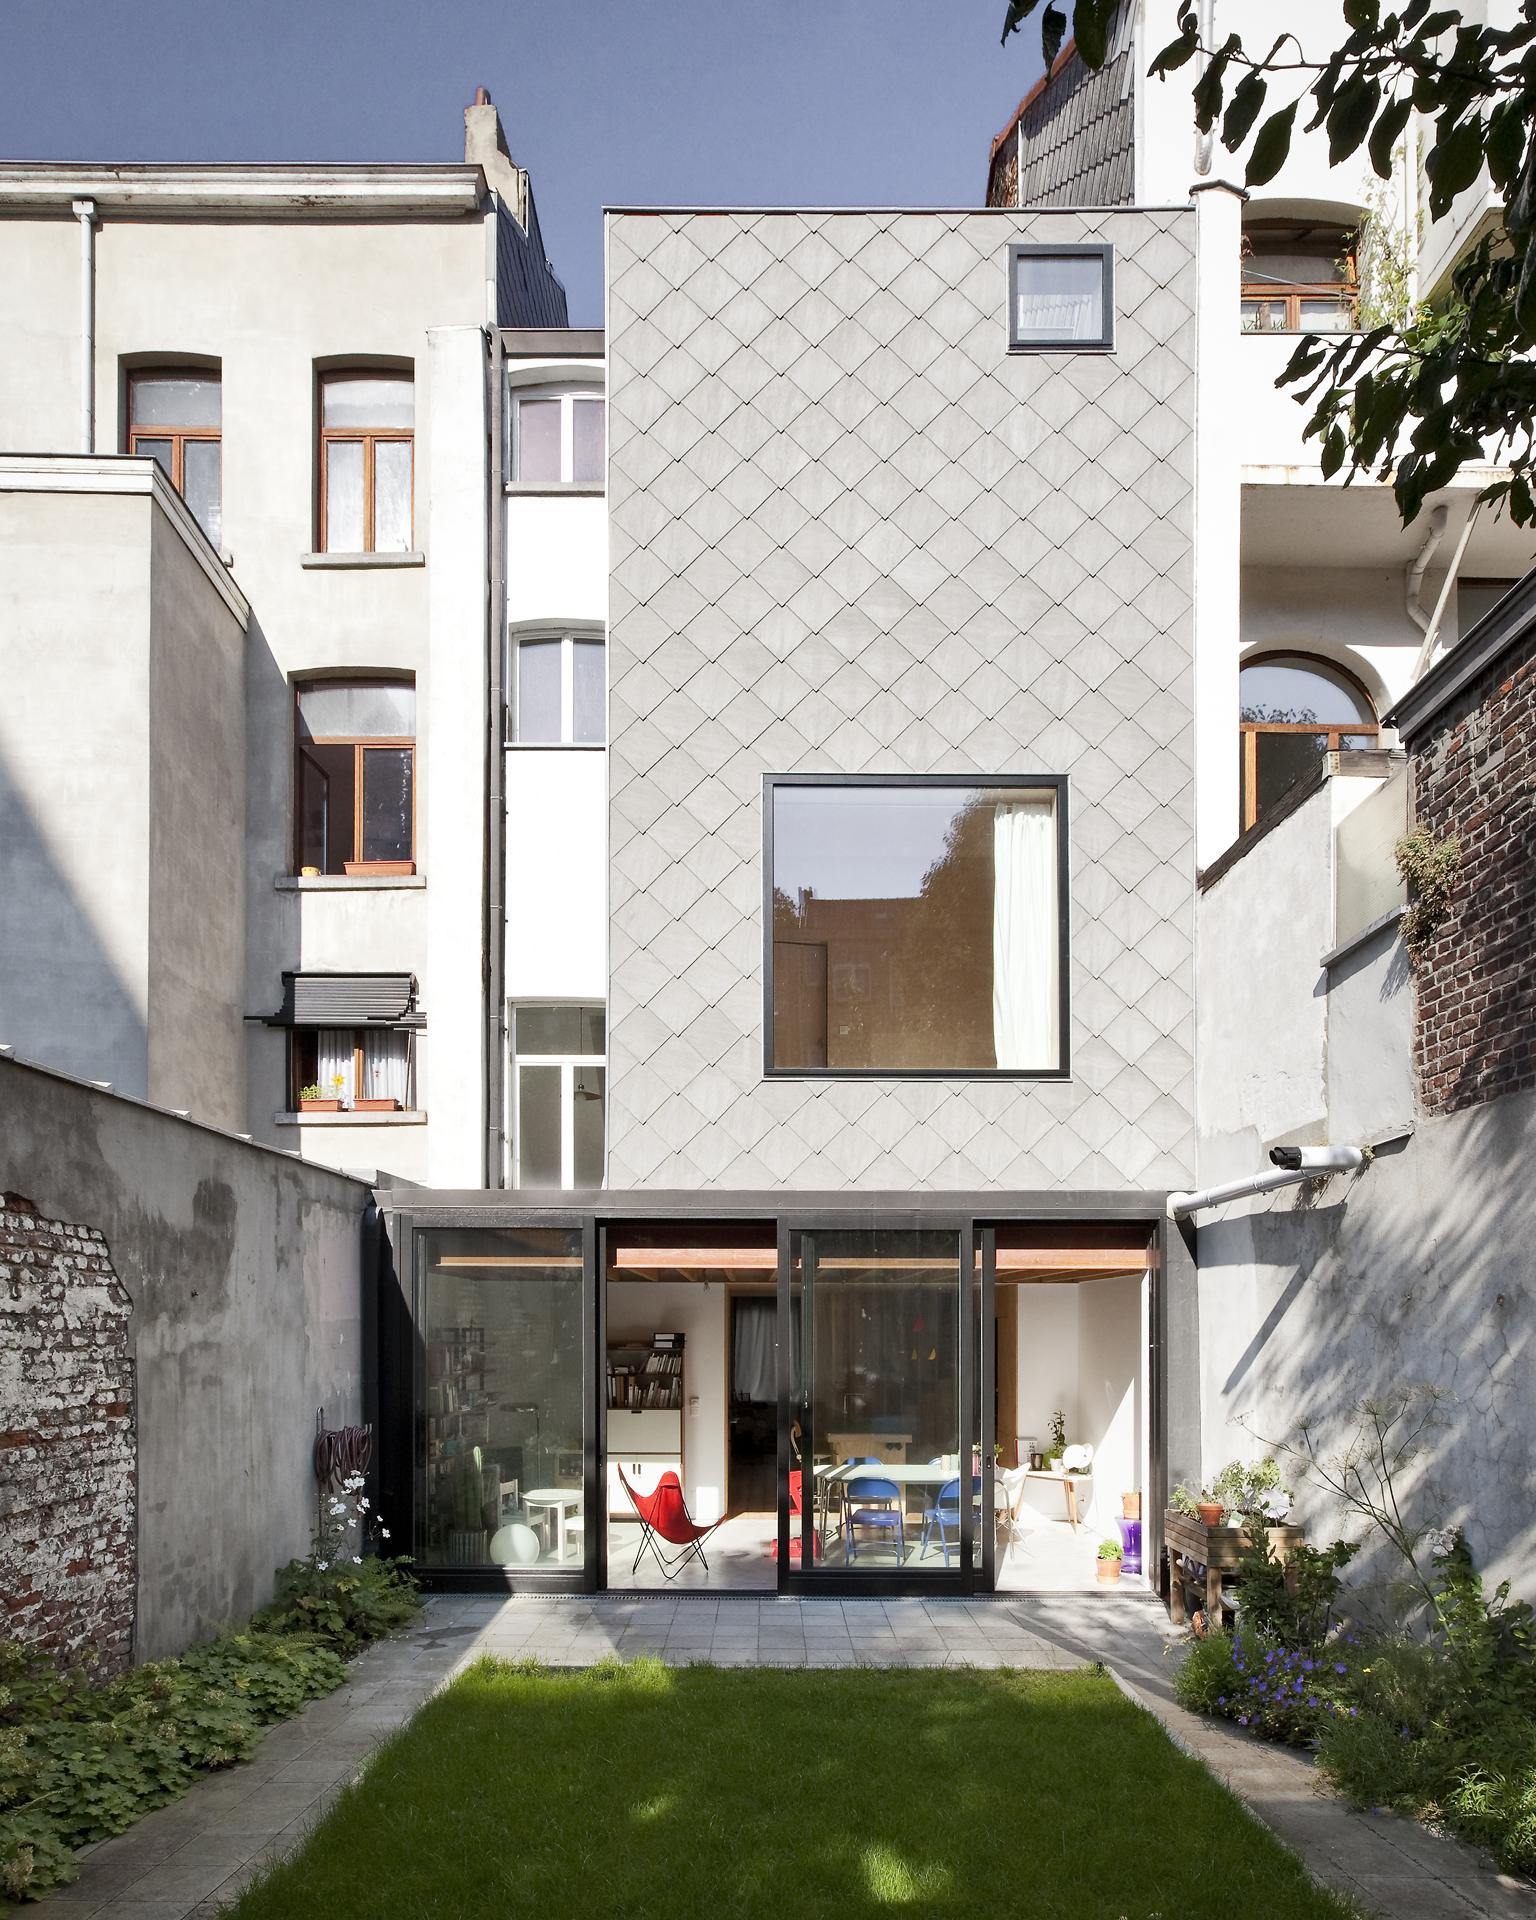 Transformación de una casa adosada en Bruselas / Label architecture